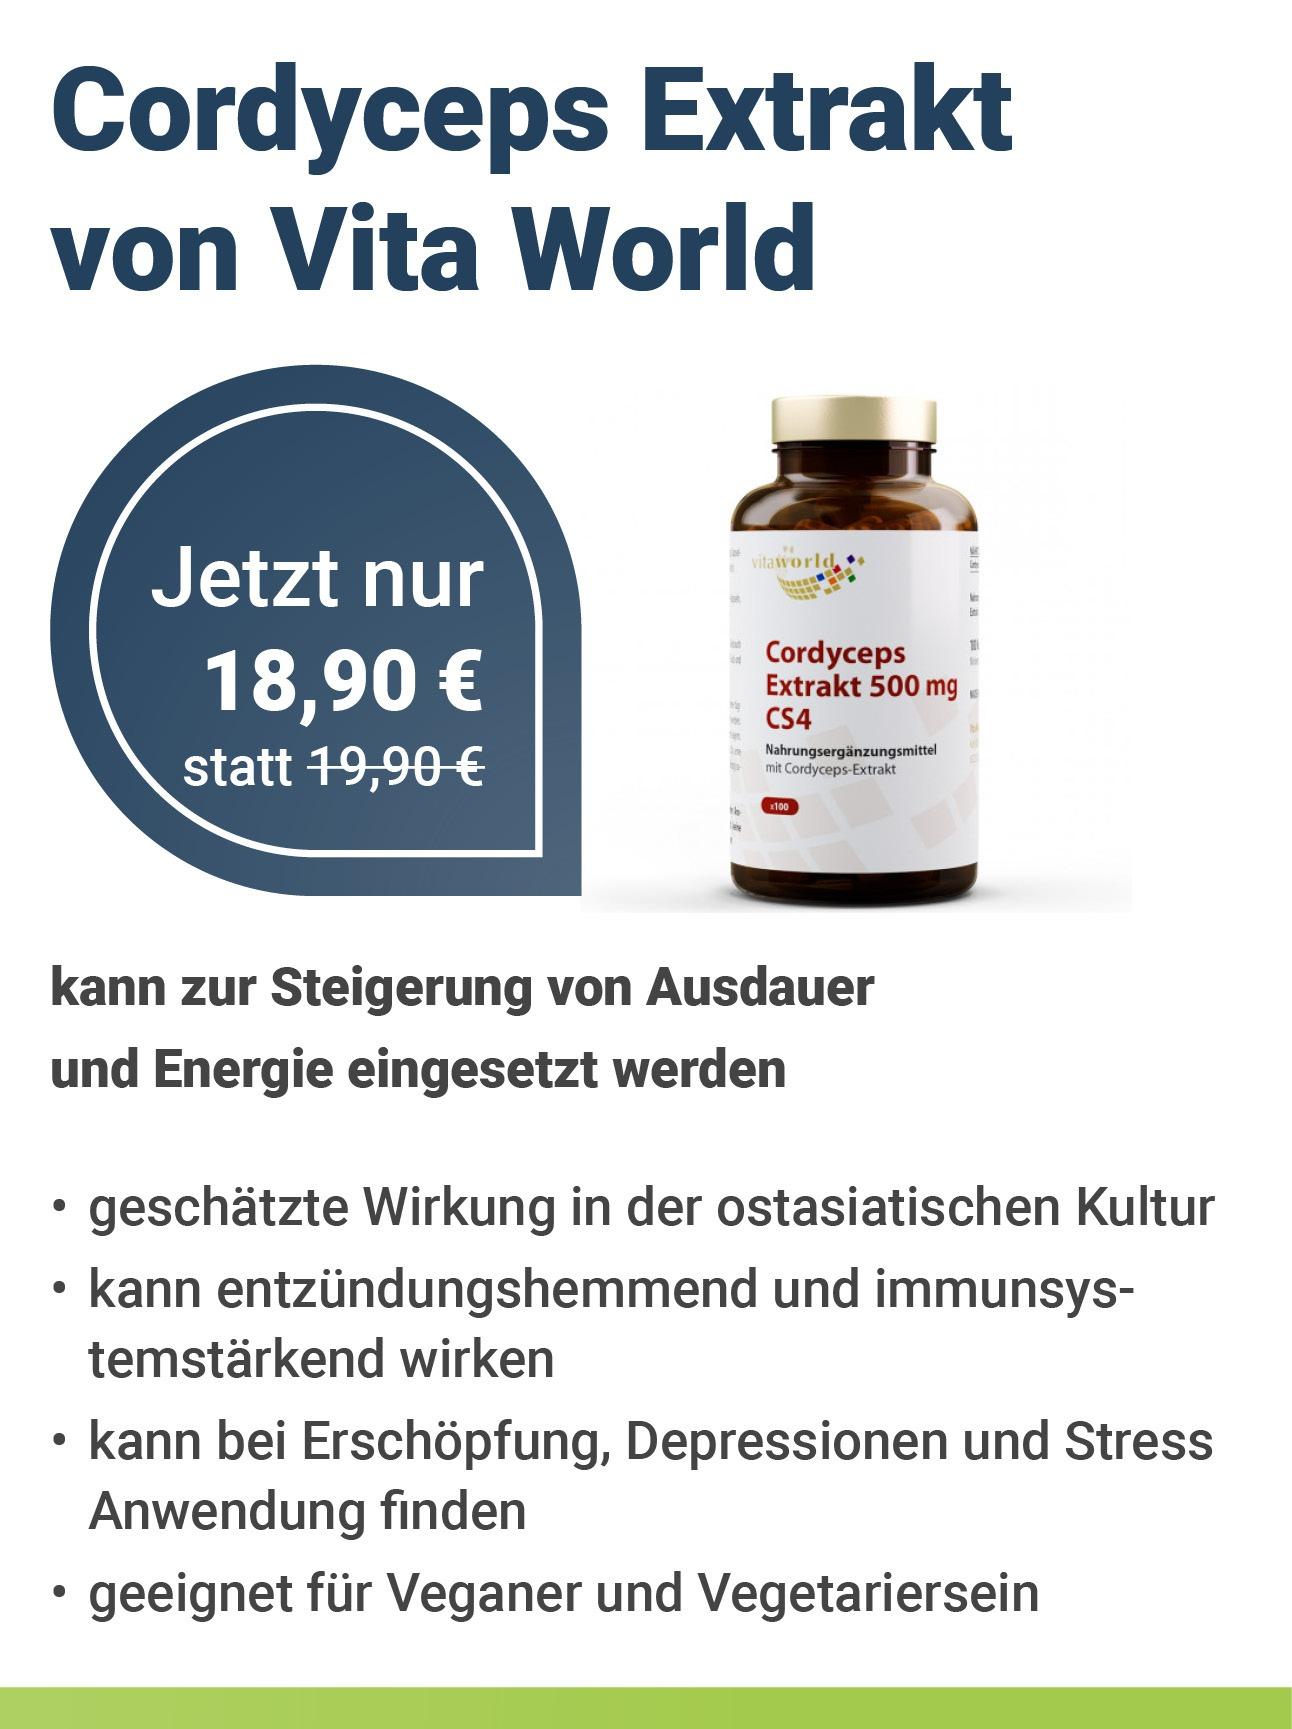 Cordyceps Extrakt von Vita World